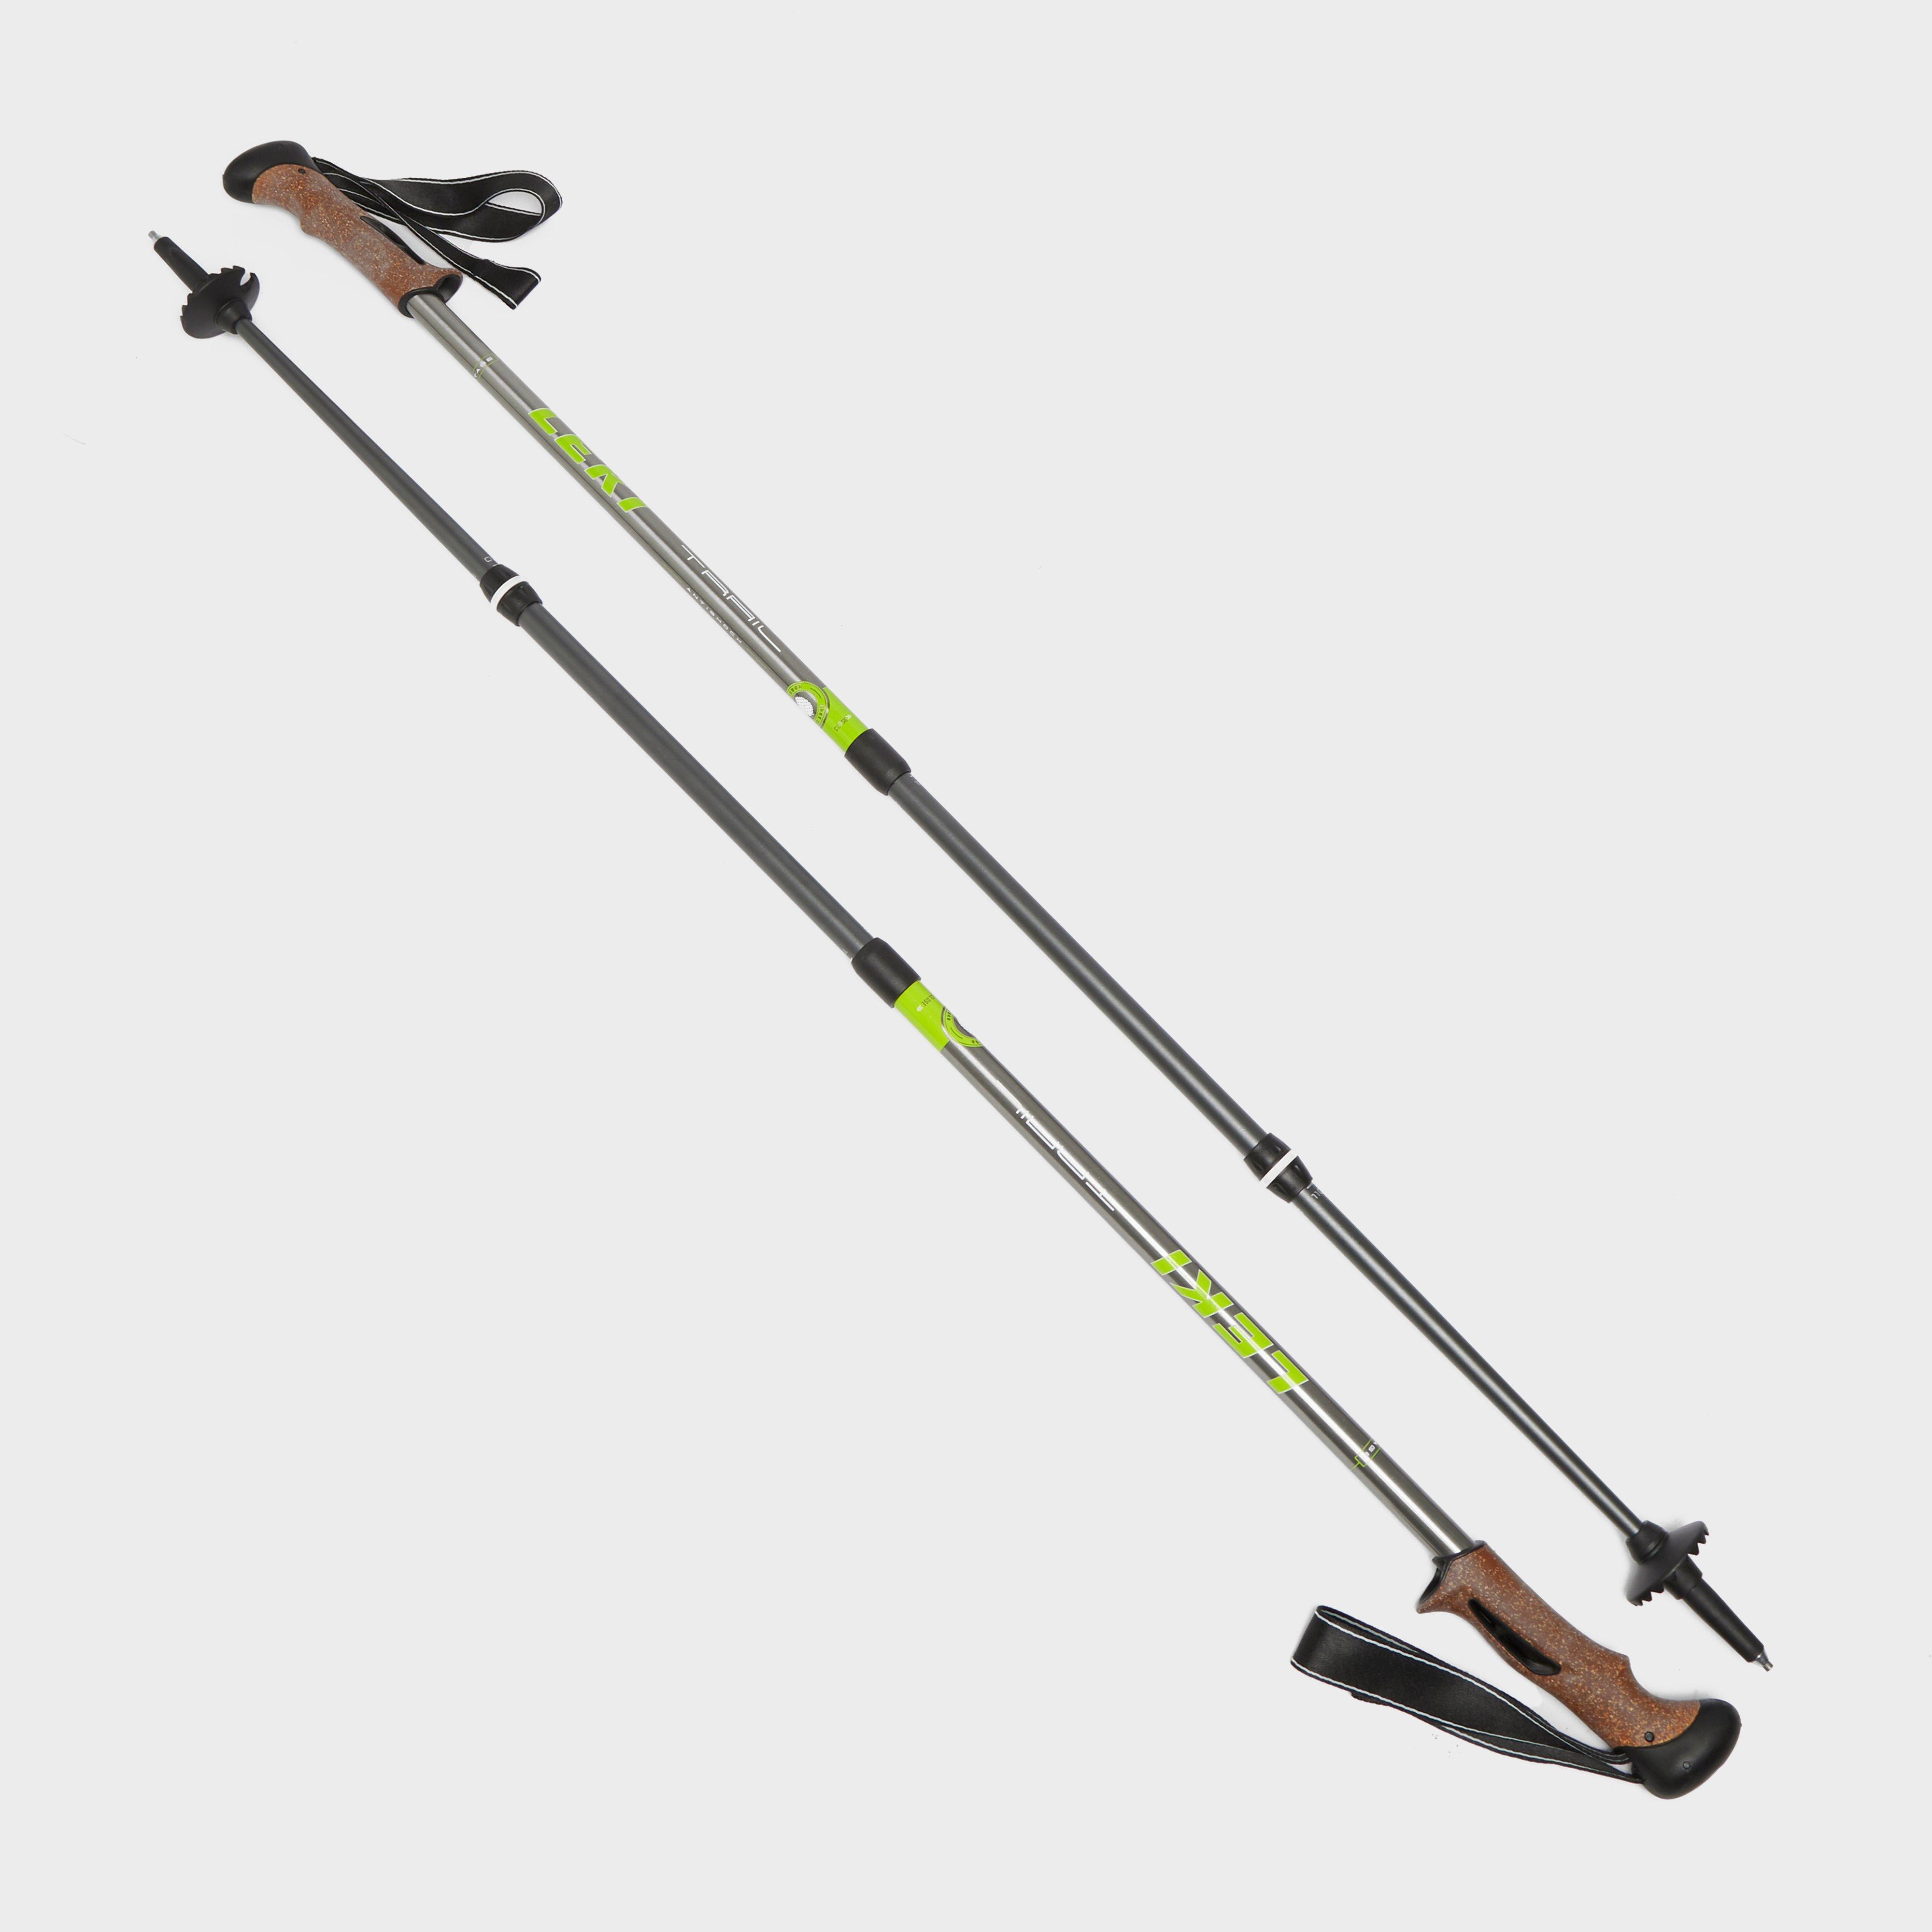 Leki Trail Antishock 2020 Walking Pole (Pair) - Grey/Black, Grey/Black